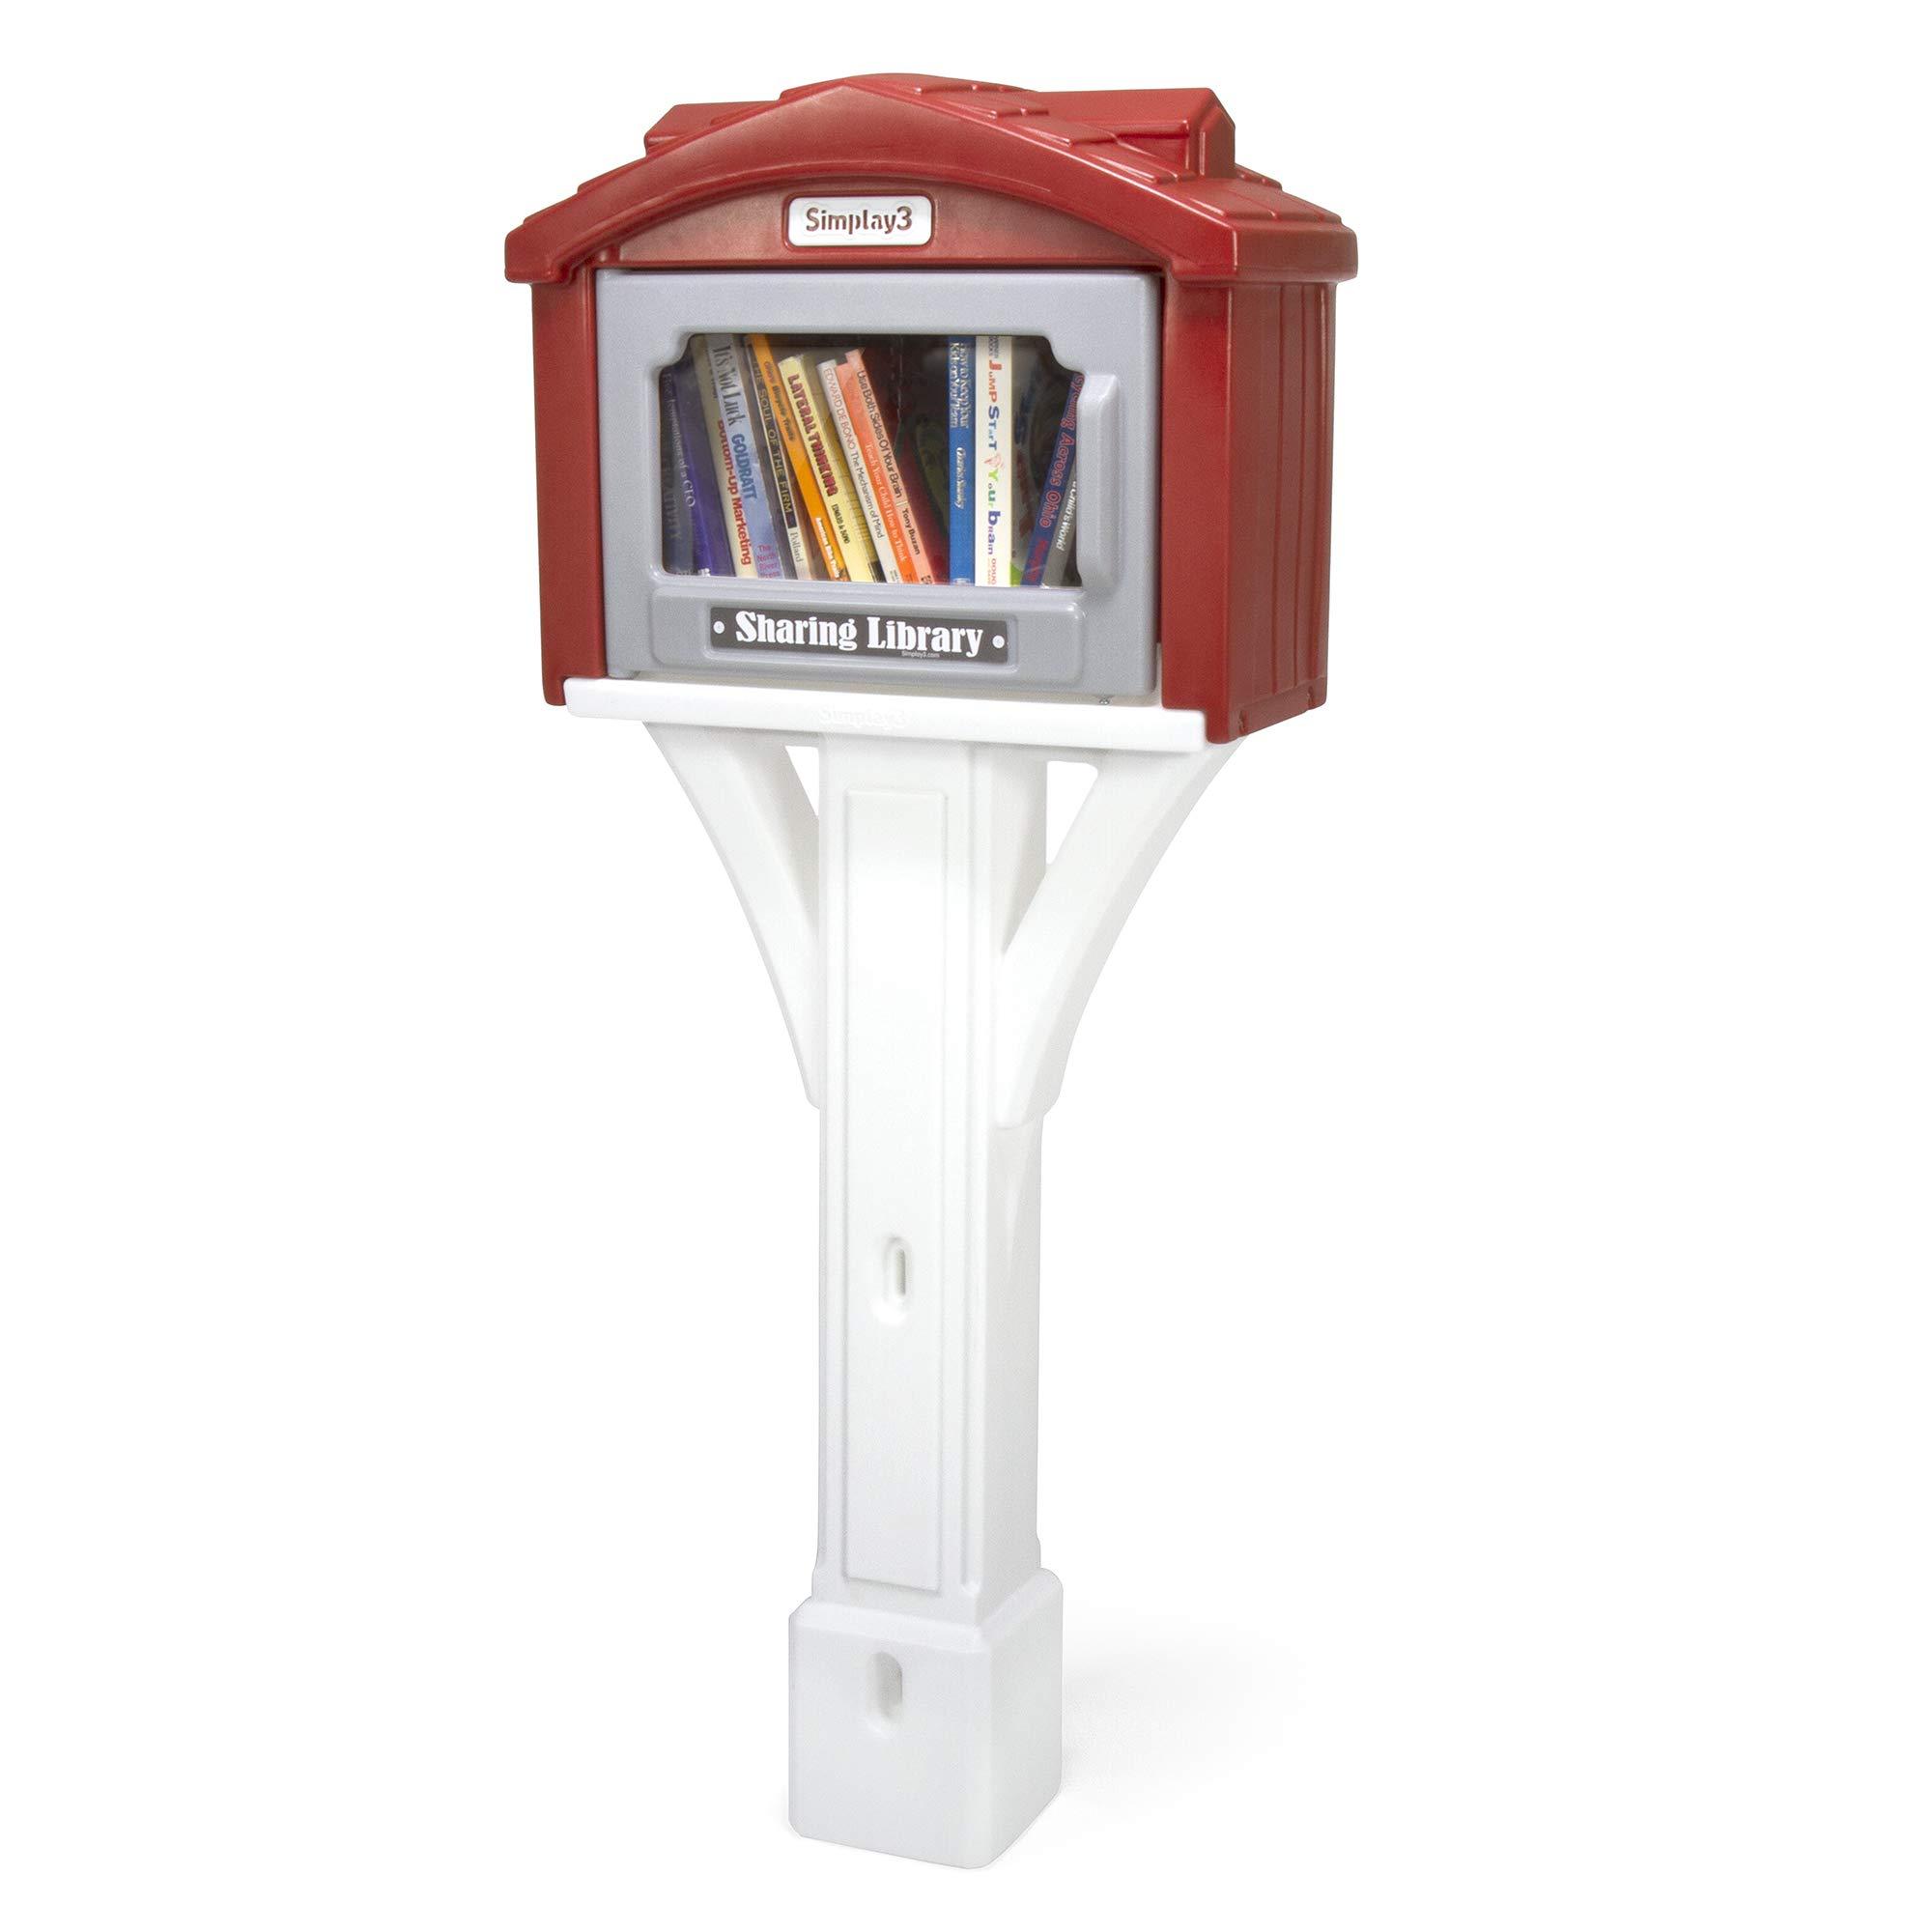 Simplay3 Sharing Library